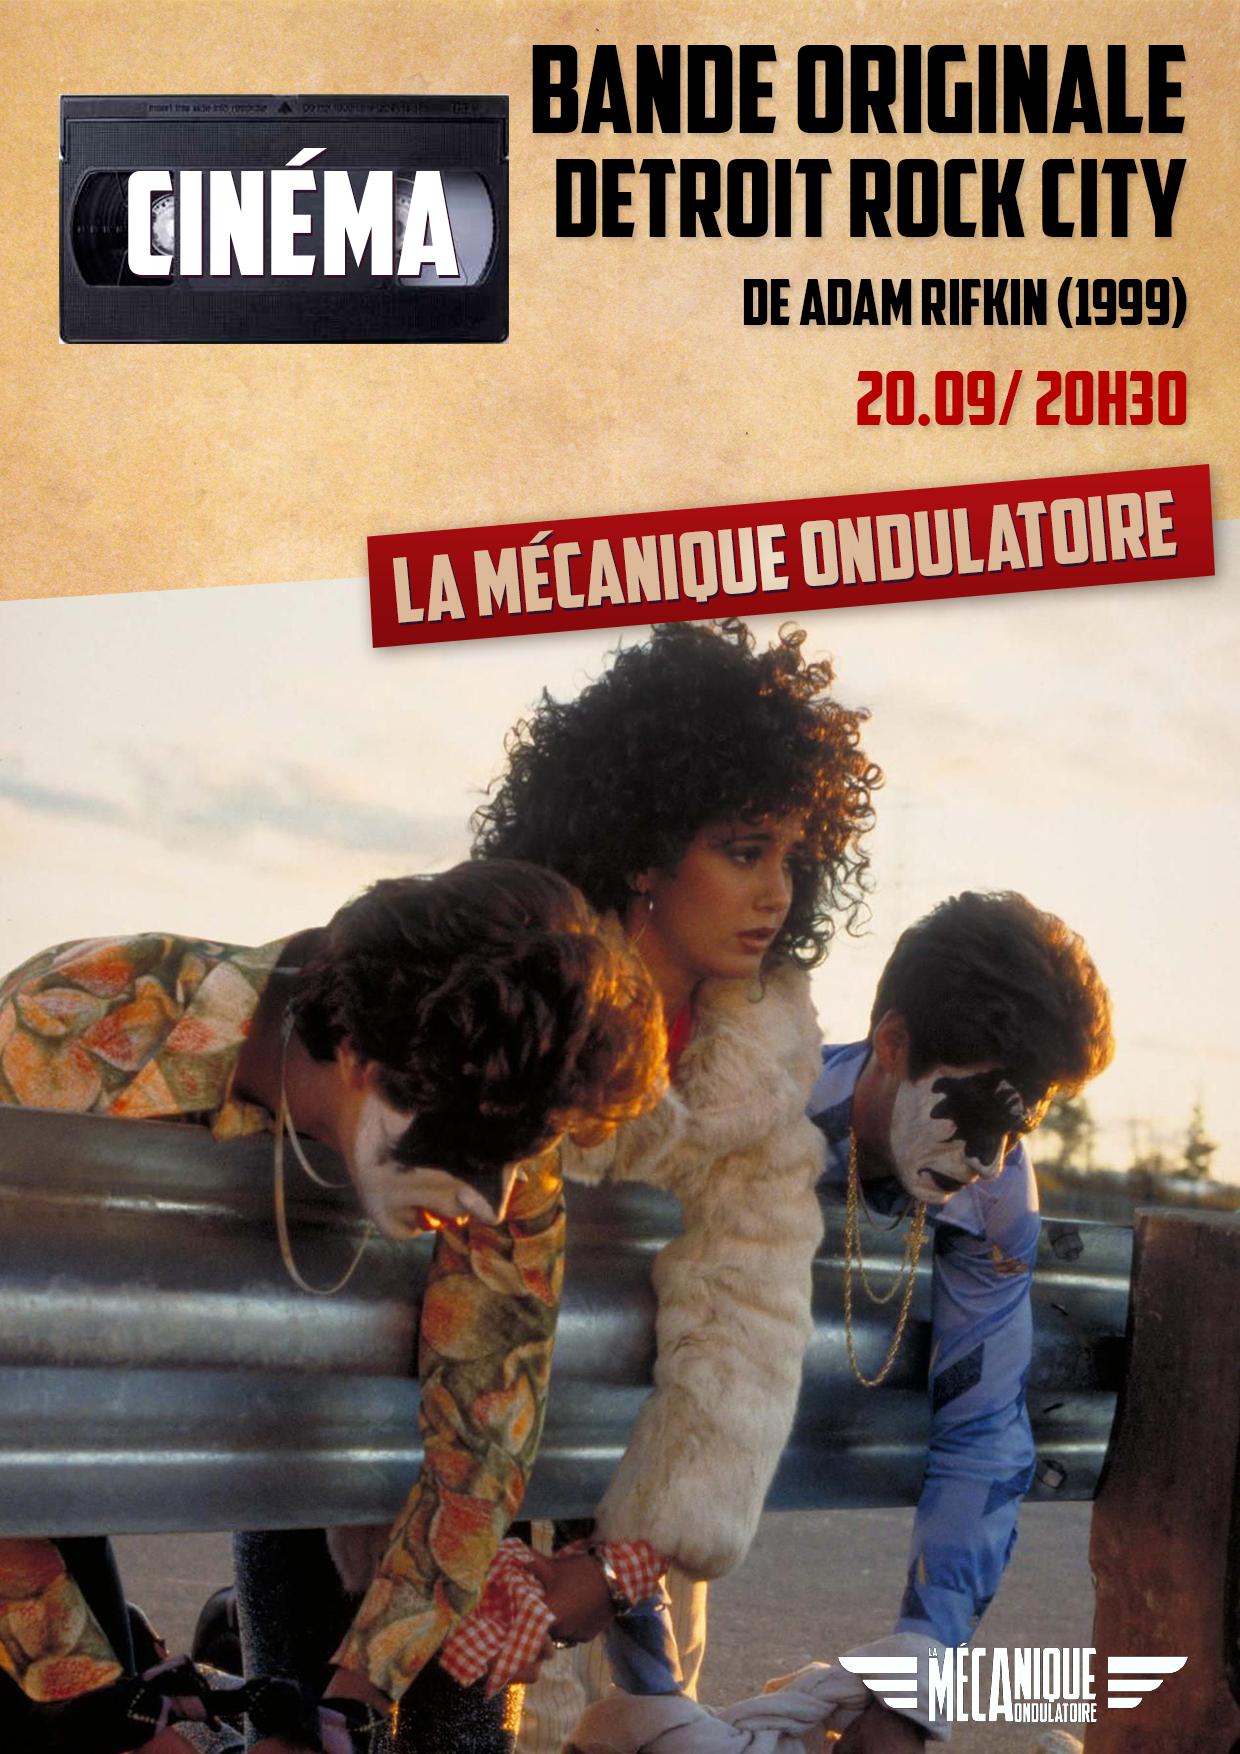 BANDE ORIGINALE : DETROIT ROCK CITY // 20.09 // La Méca